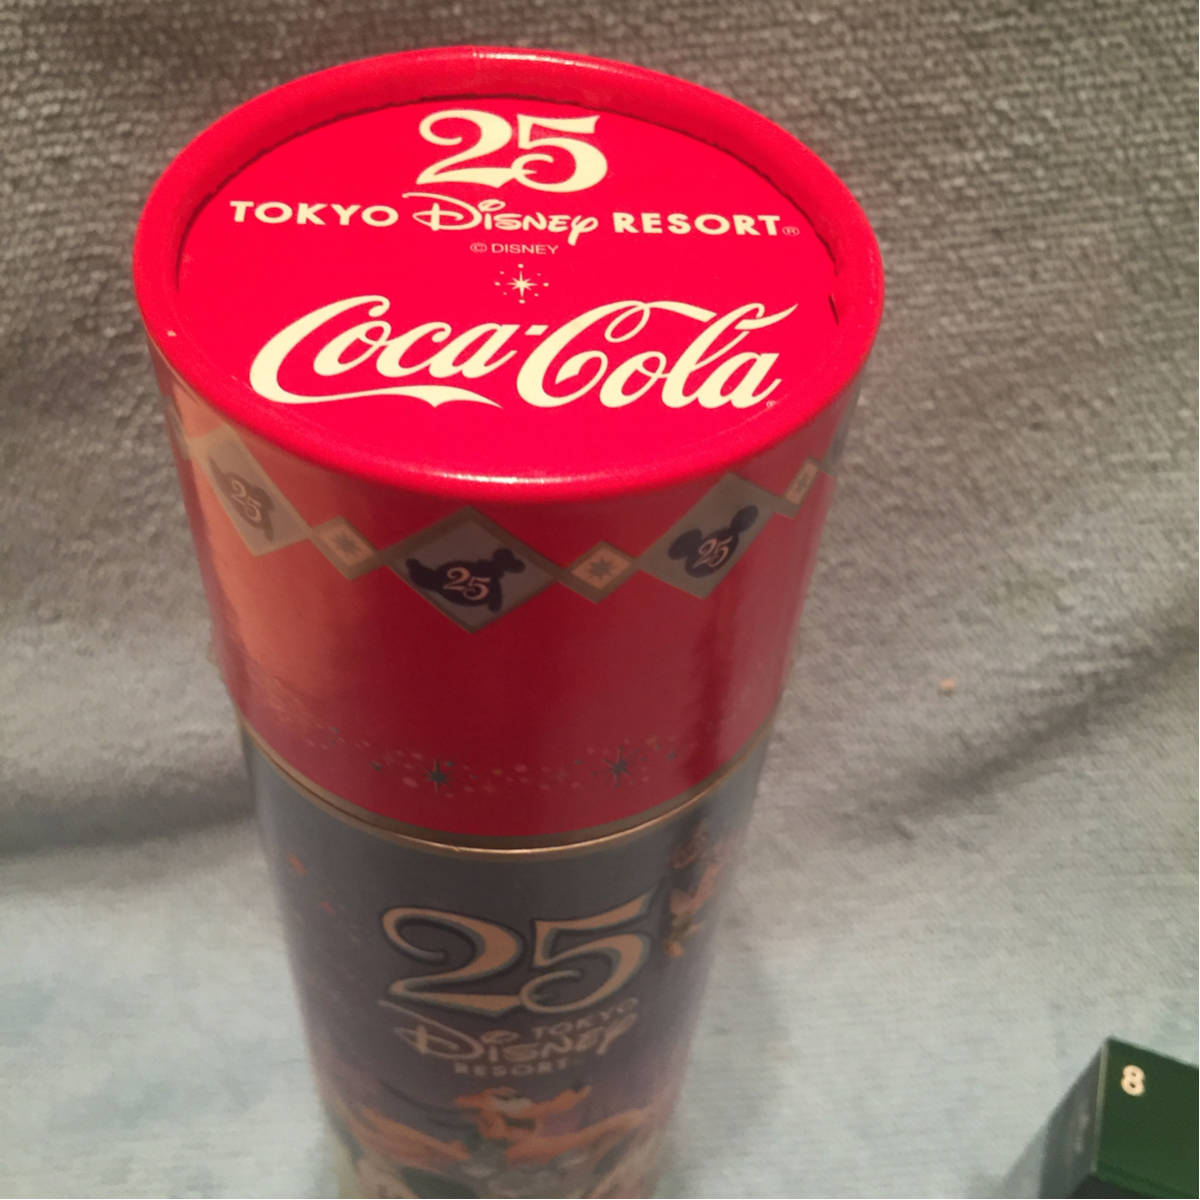 ディズニー 25周年《コカコーラ・当時物》未開封保管品《現状現品渡し》コレクション保管品_画像3